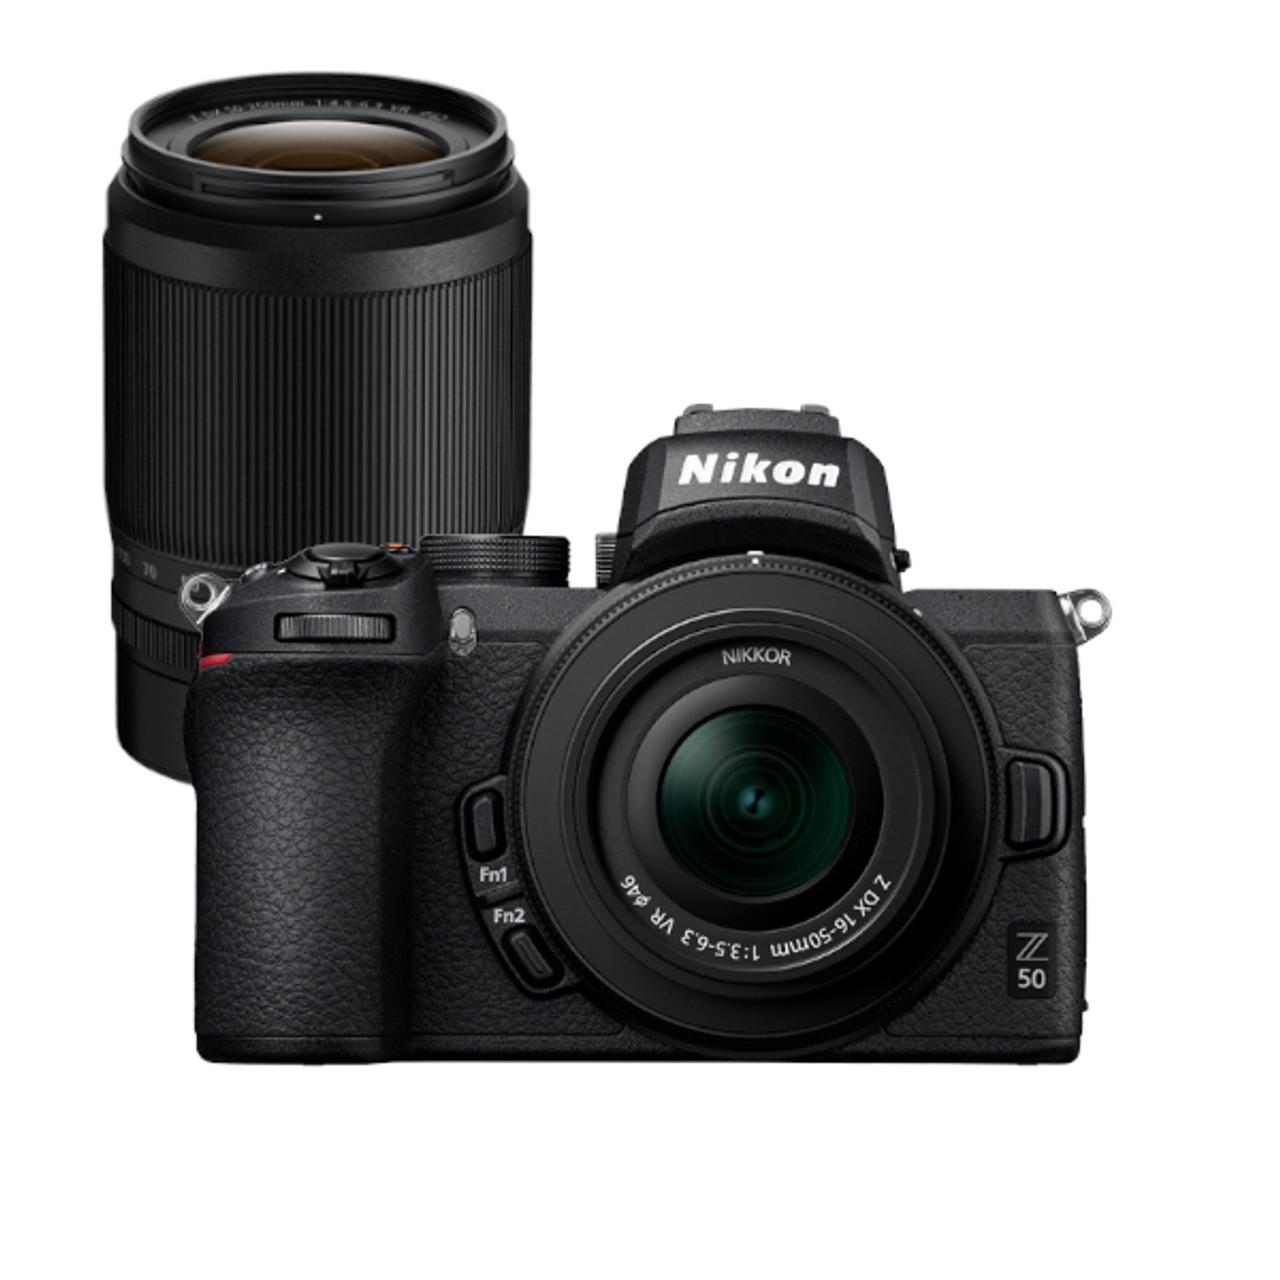 Nikon Z 50 16-50mm Kit & Nikon Z DX 50-250mm f4.5-6.3 VR